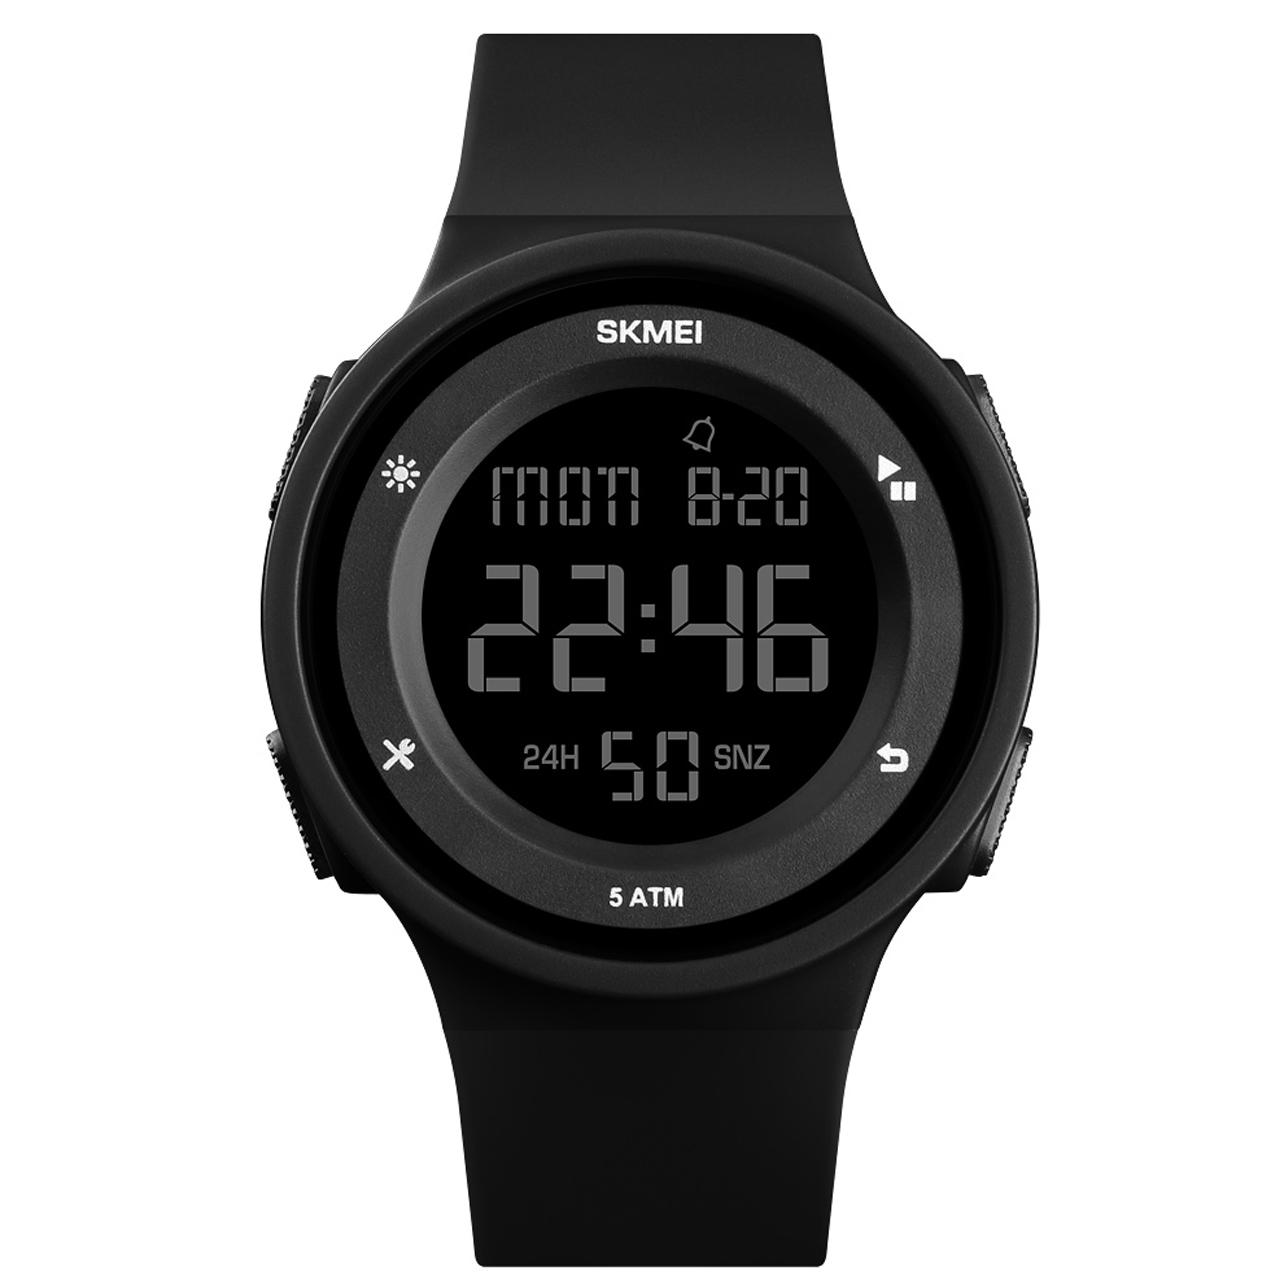 ساعت مچی دیجیتالی اسکمی مدل 1445M